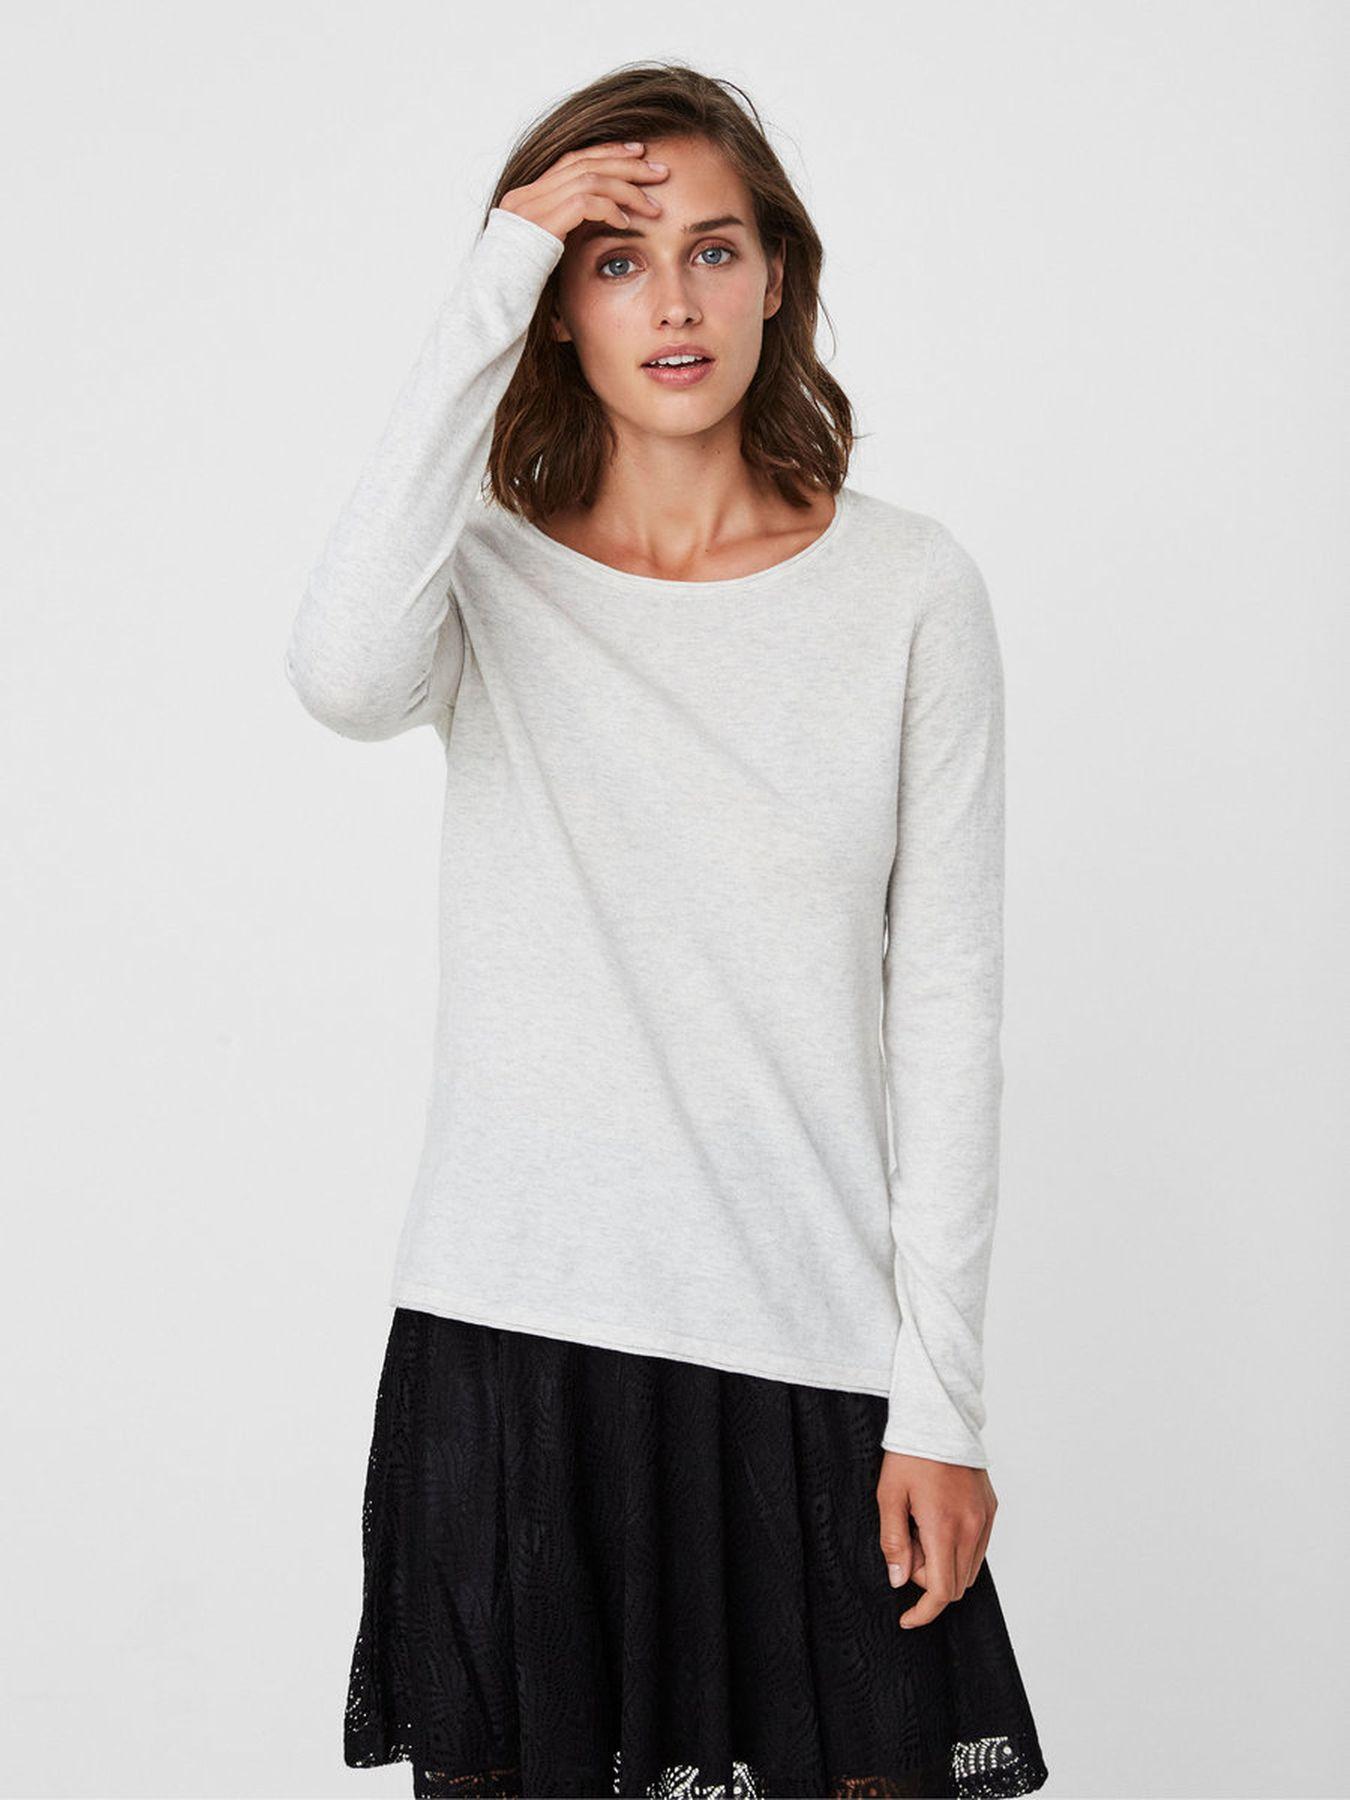 VERO MODA - Damen Shirt in grey oder navy (10181871) – Bild 6